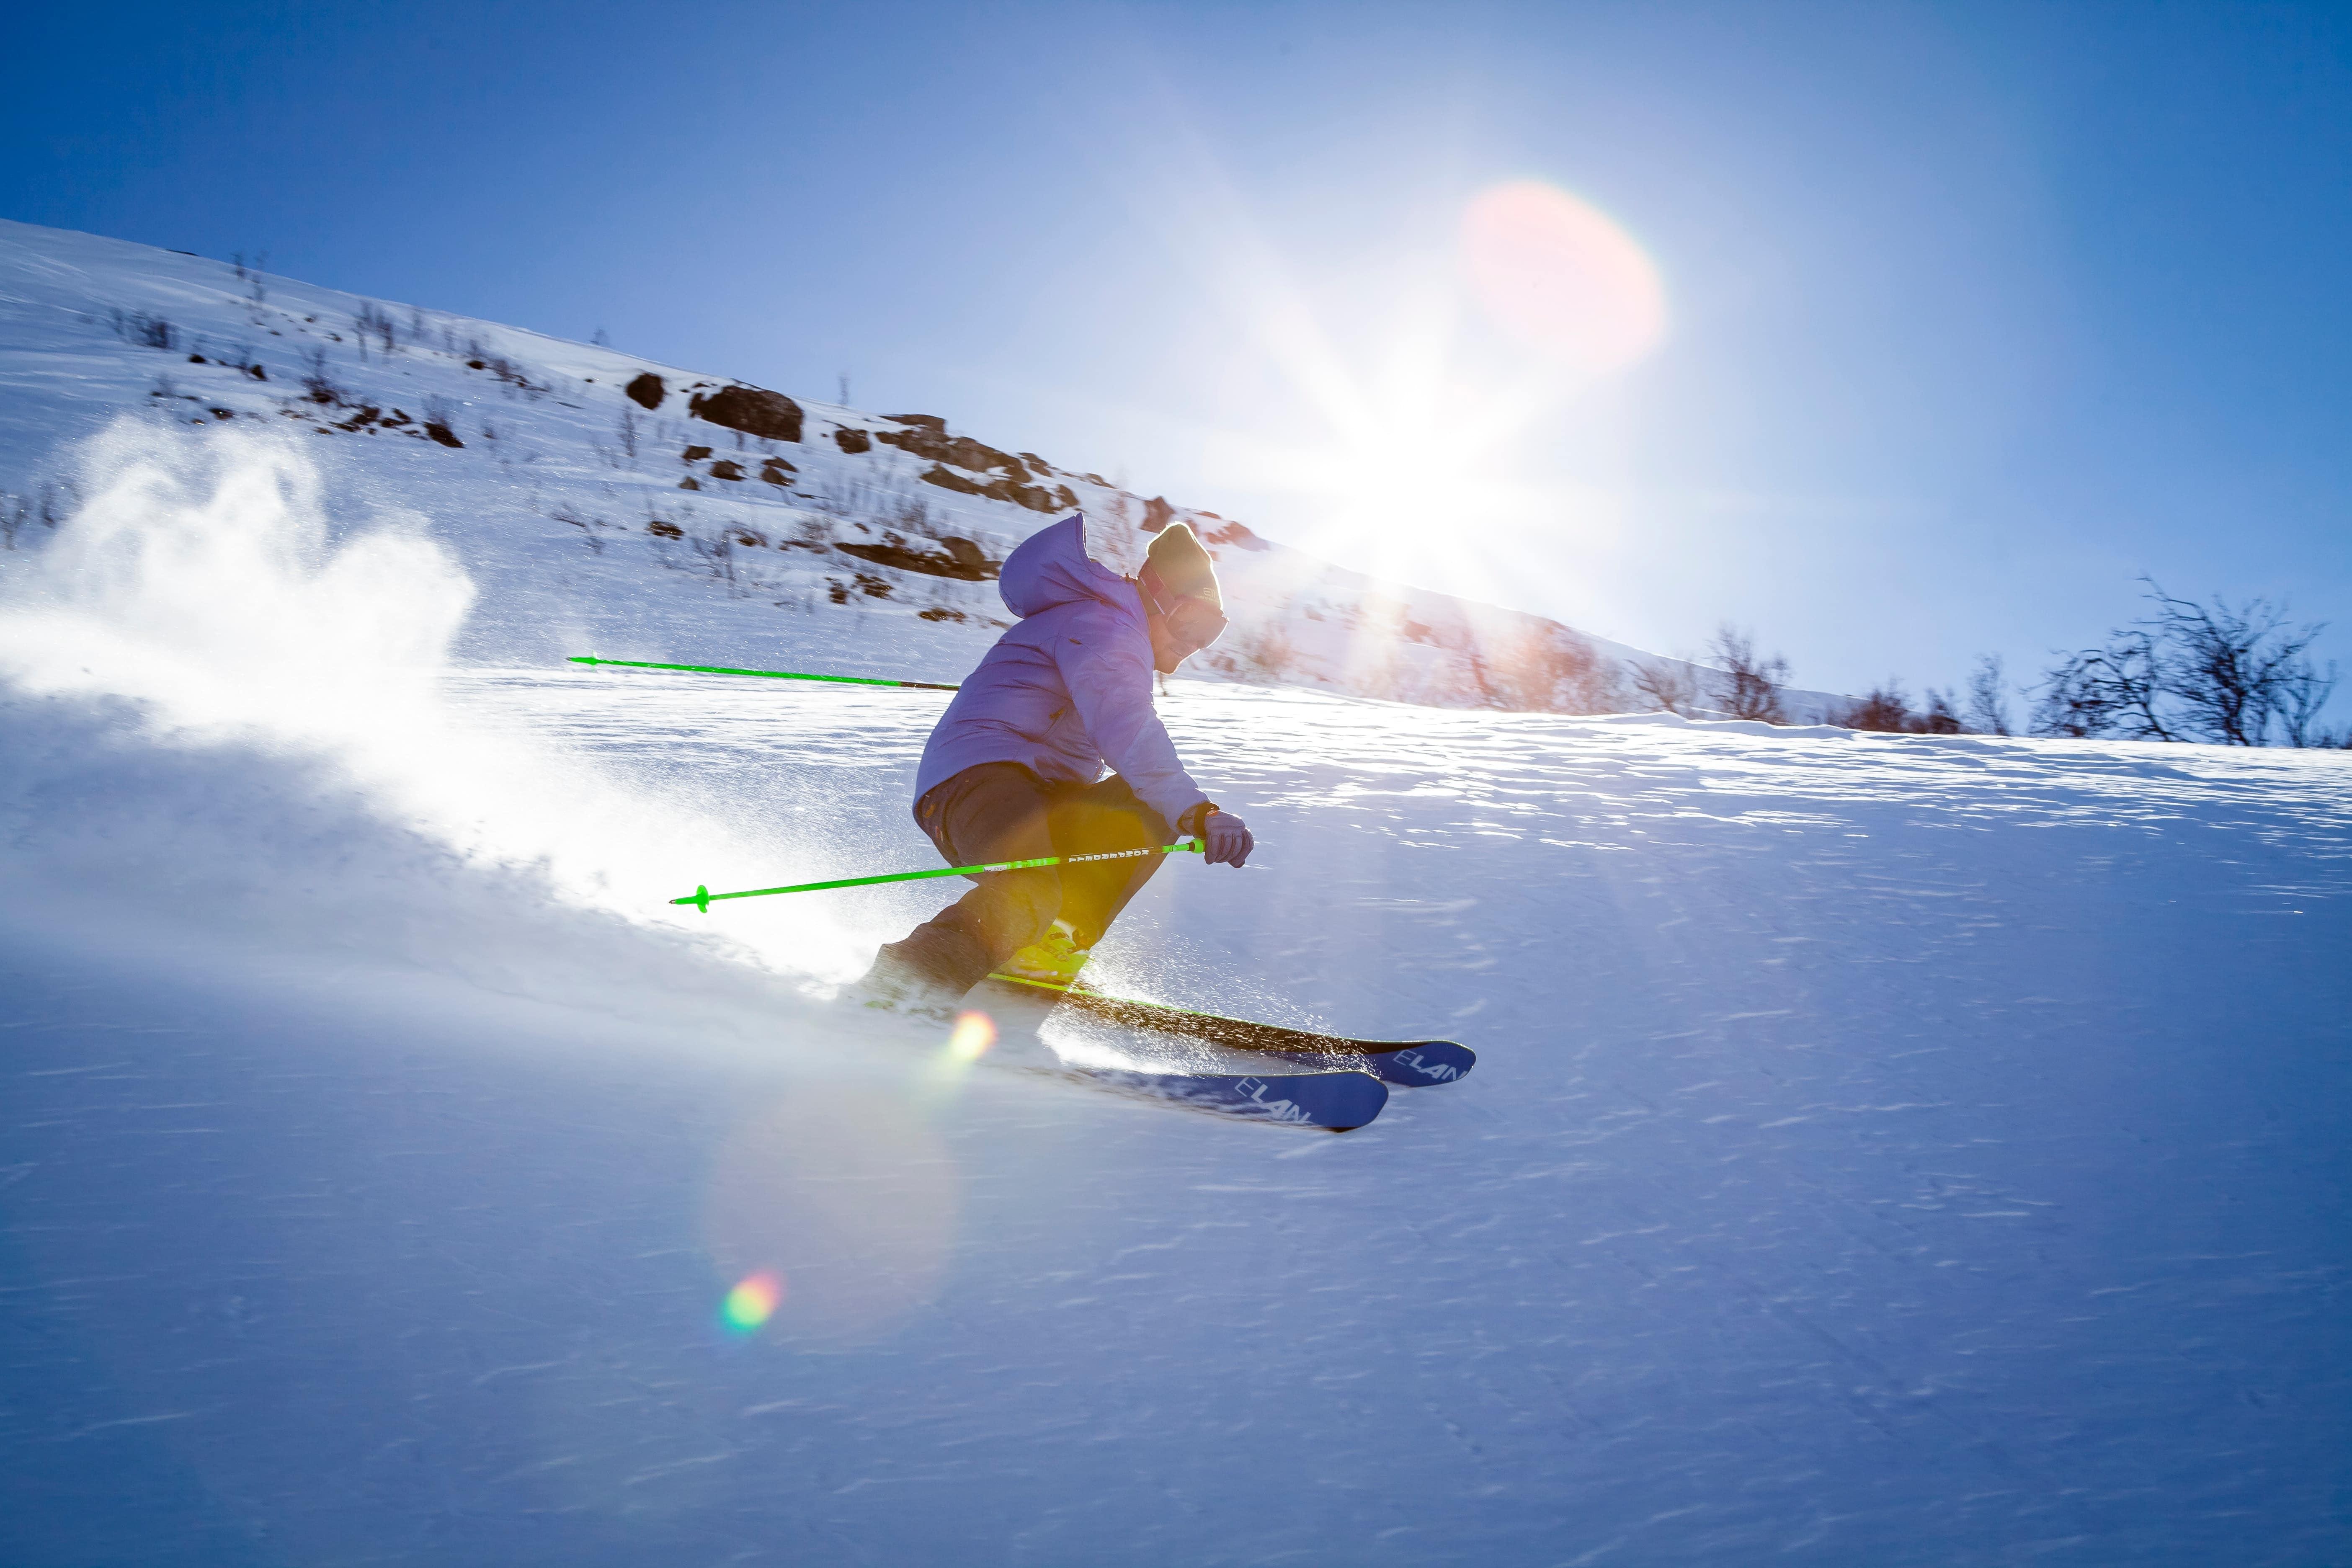 Skiing under blue skies